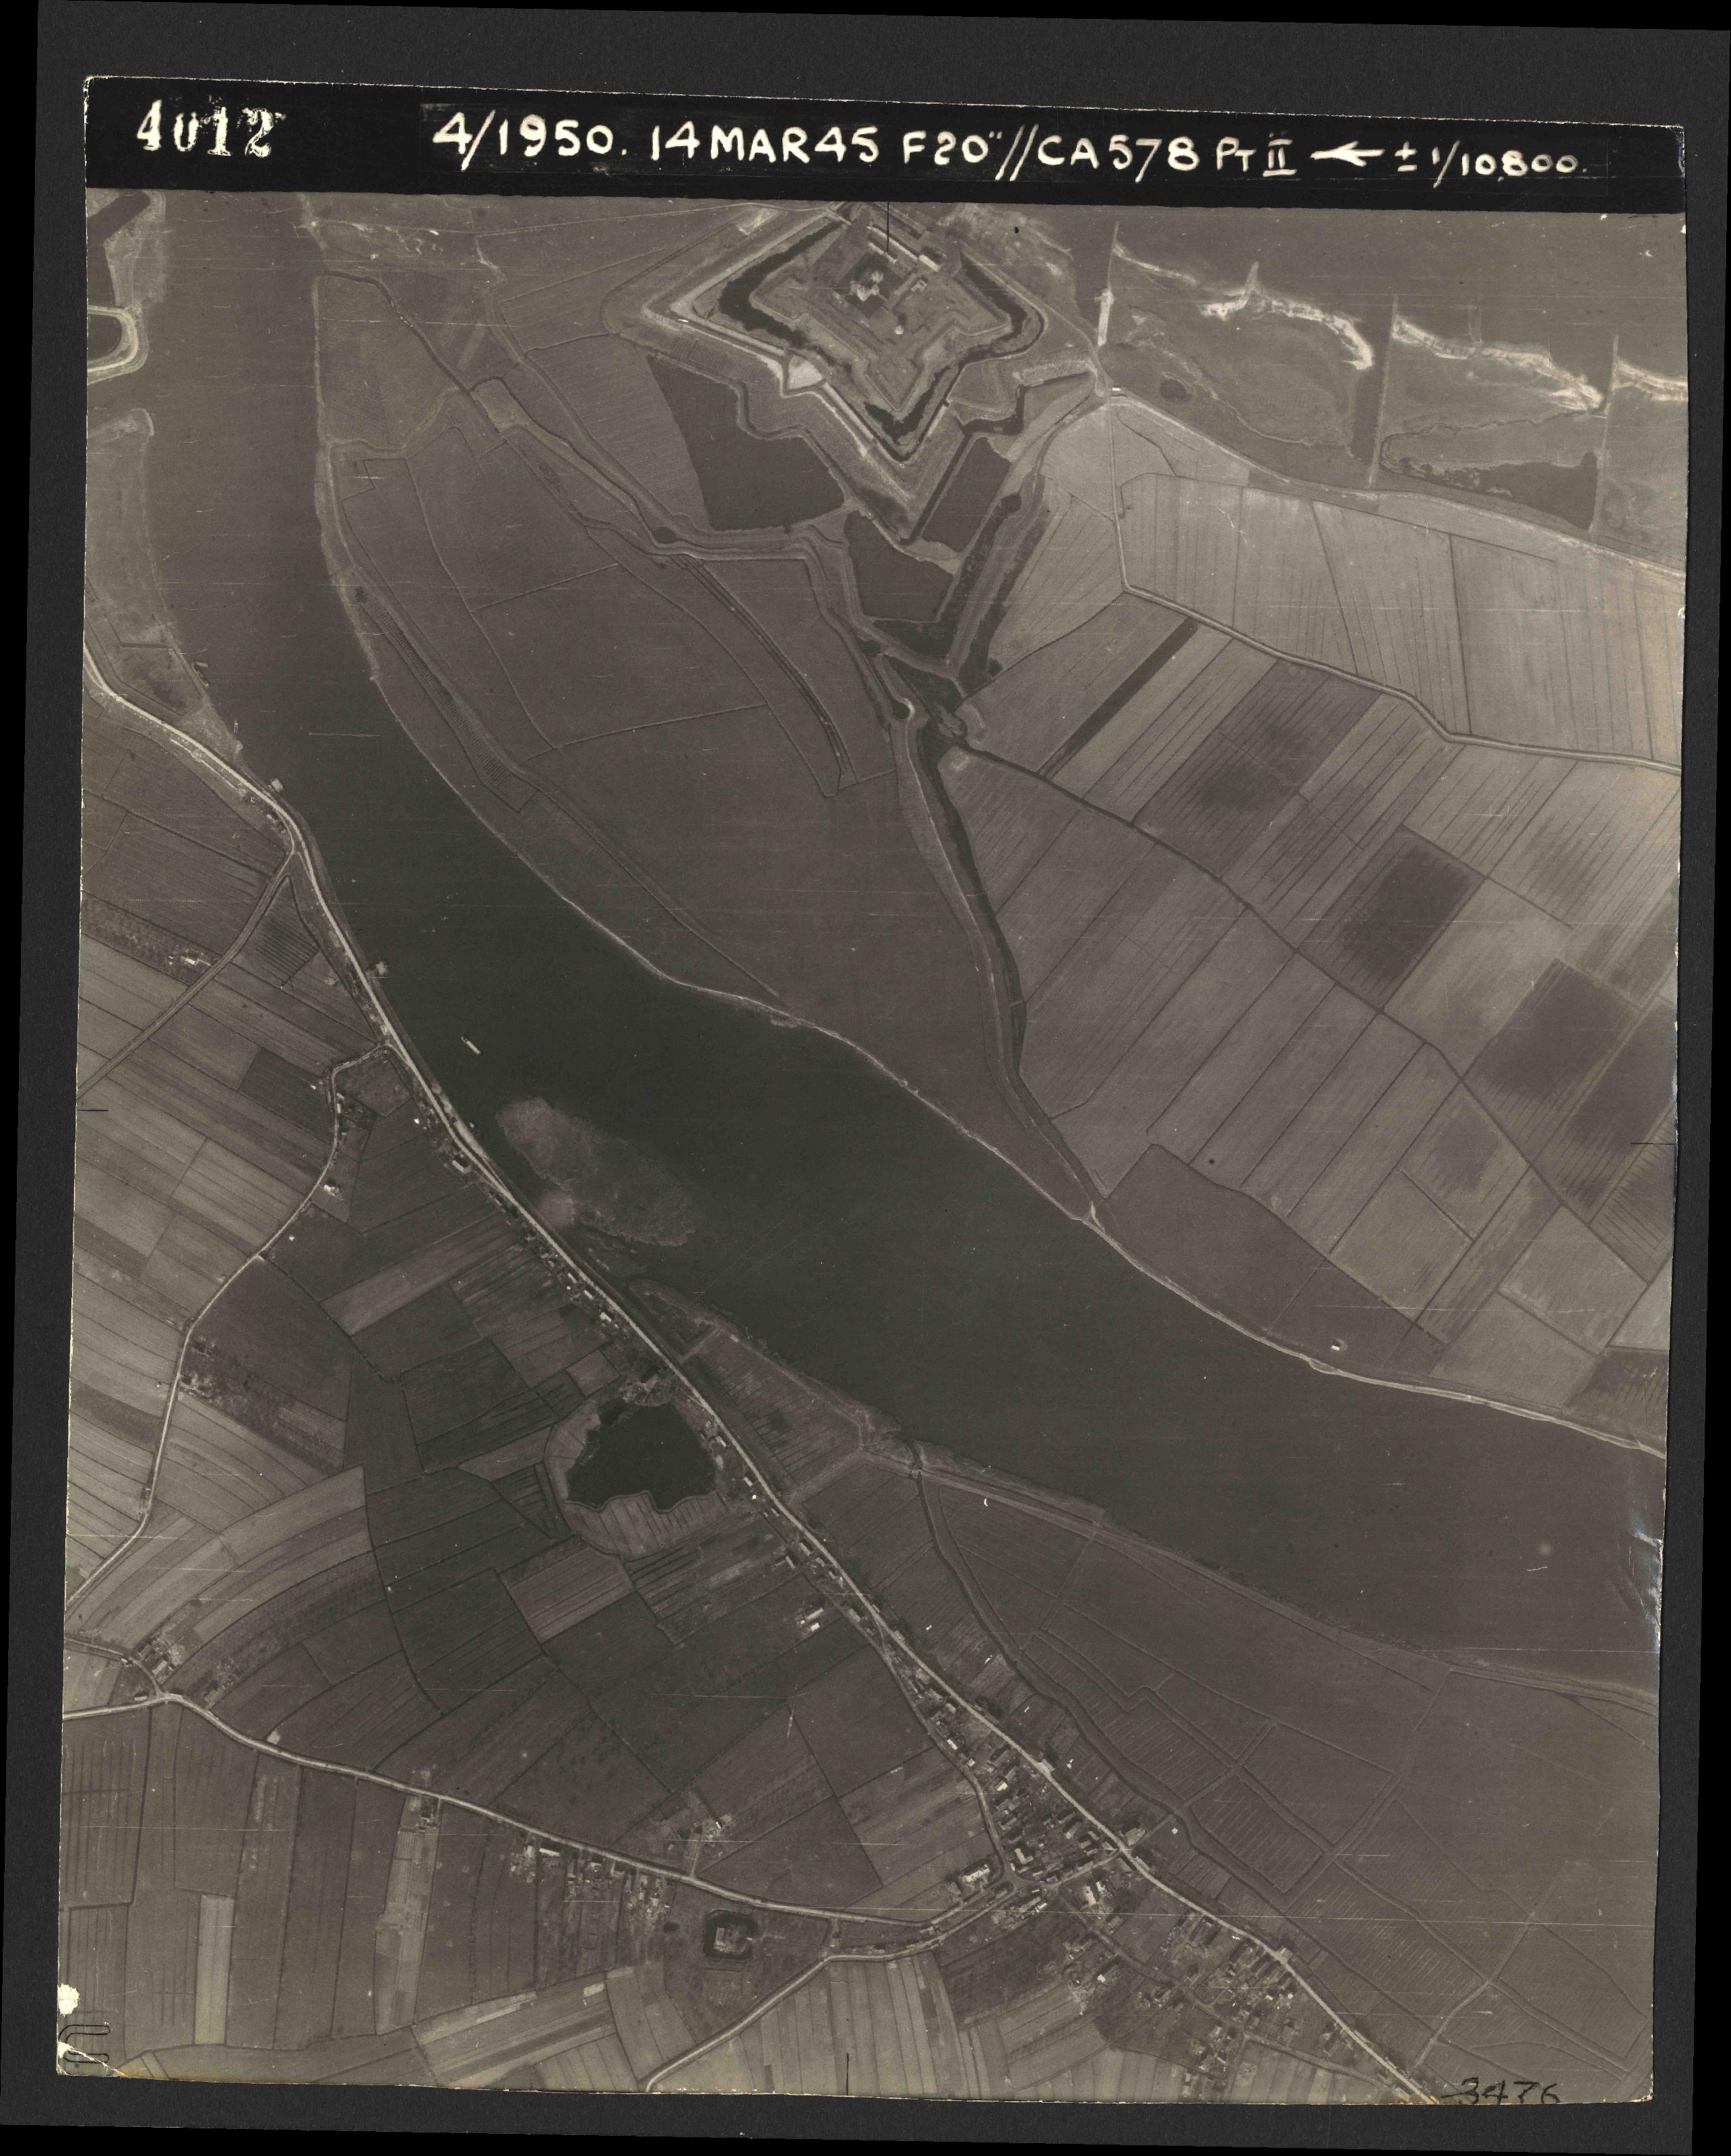 Collection RAF aerial photos 1940-1945 - flight 010, run 01, photo 4012